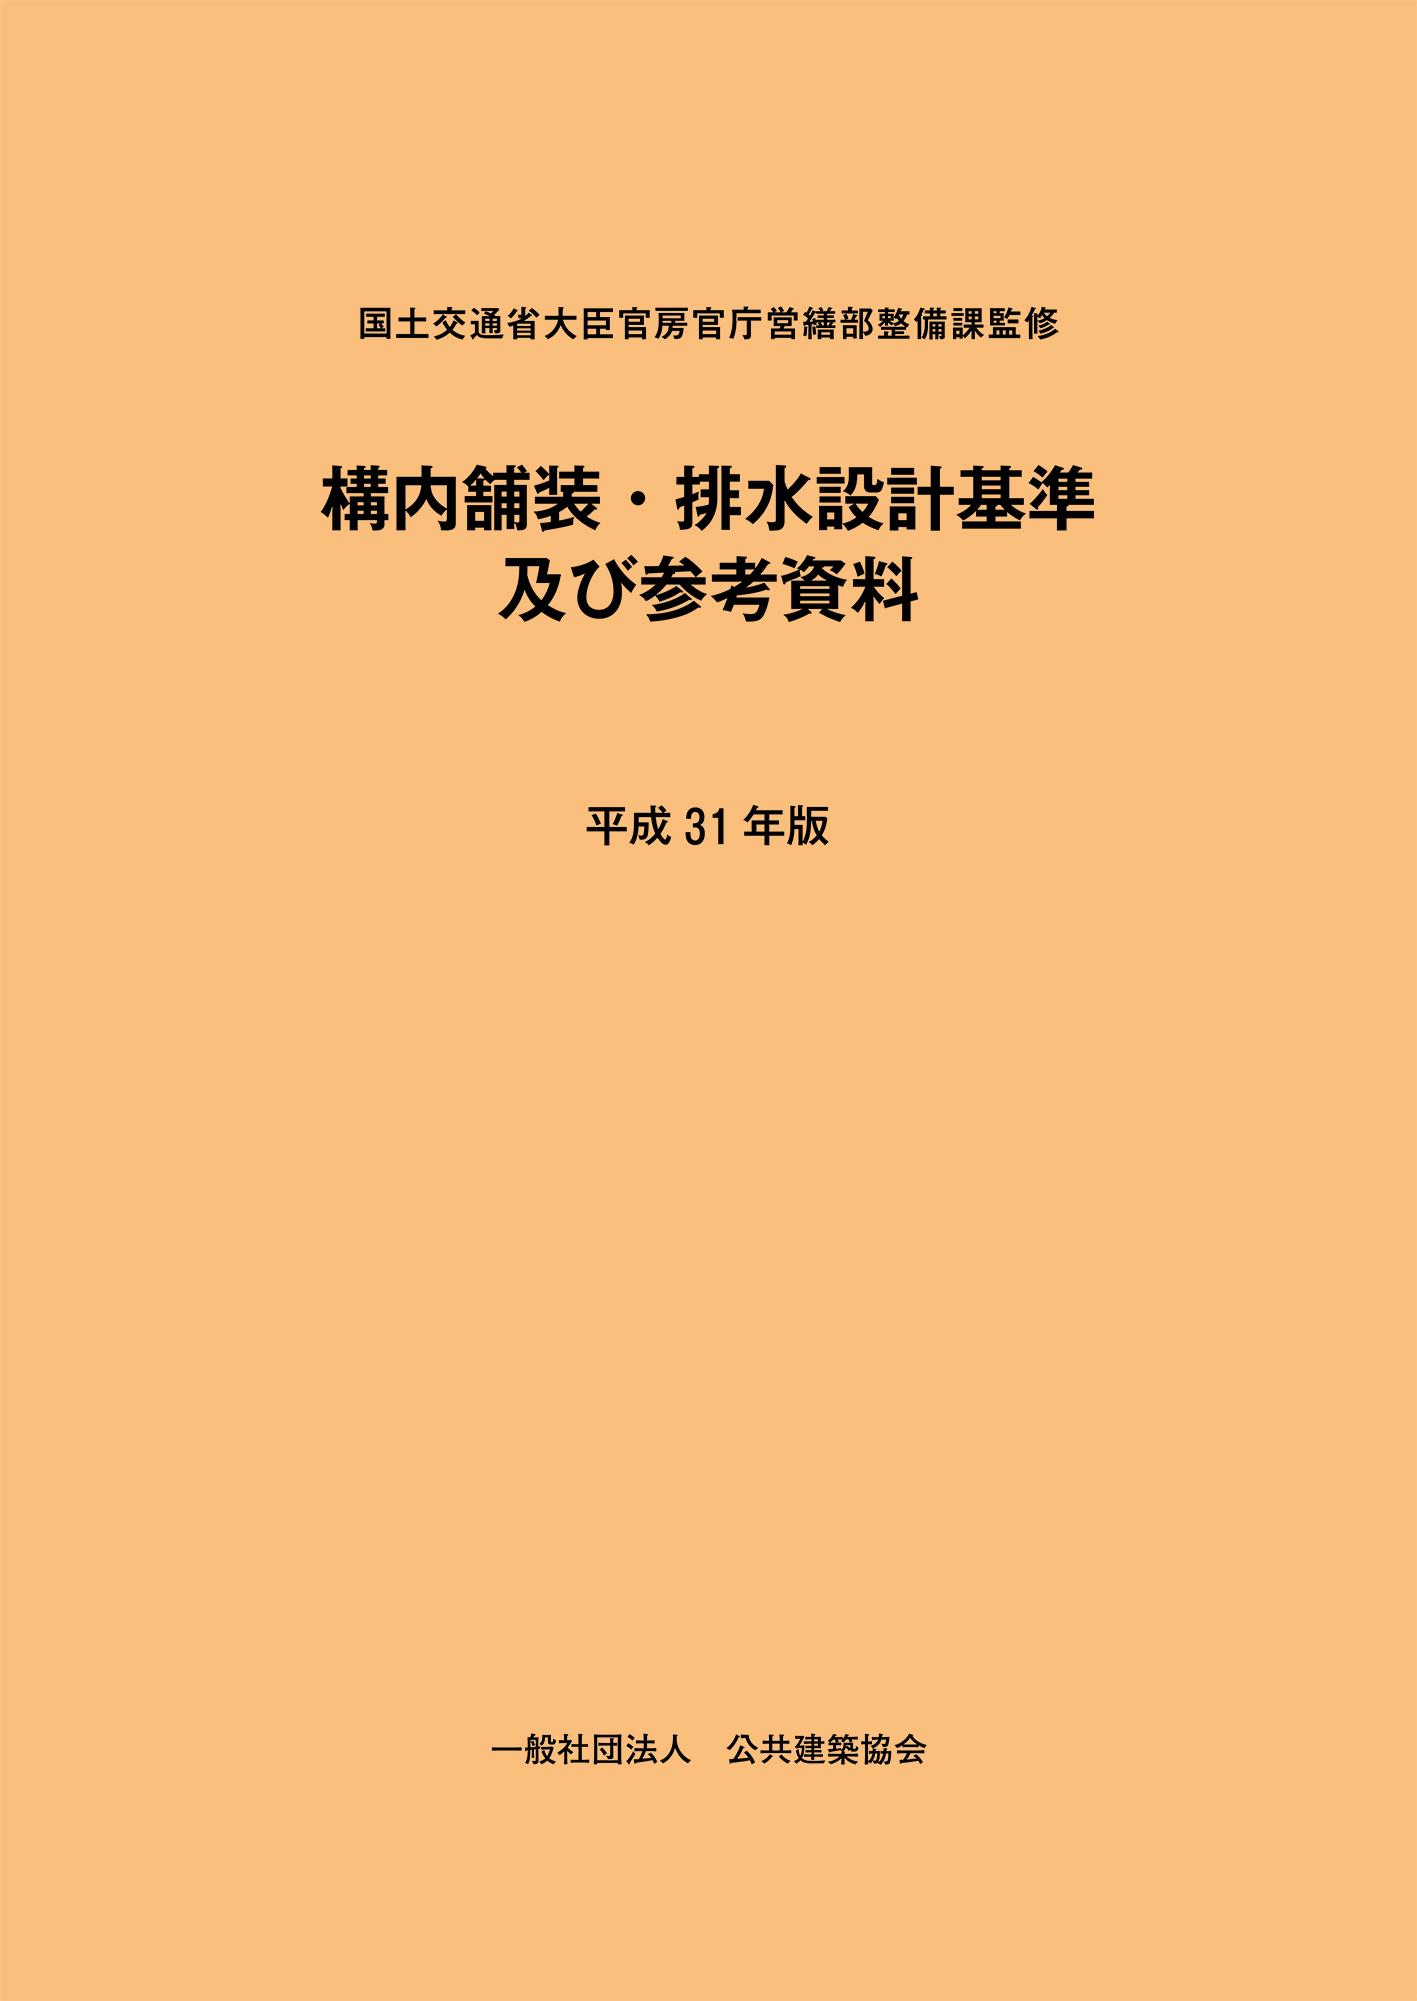 構内舗装・排水設計基準及び参考資料 平成31年版